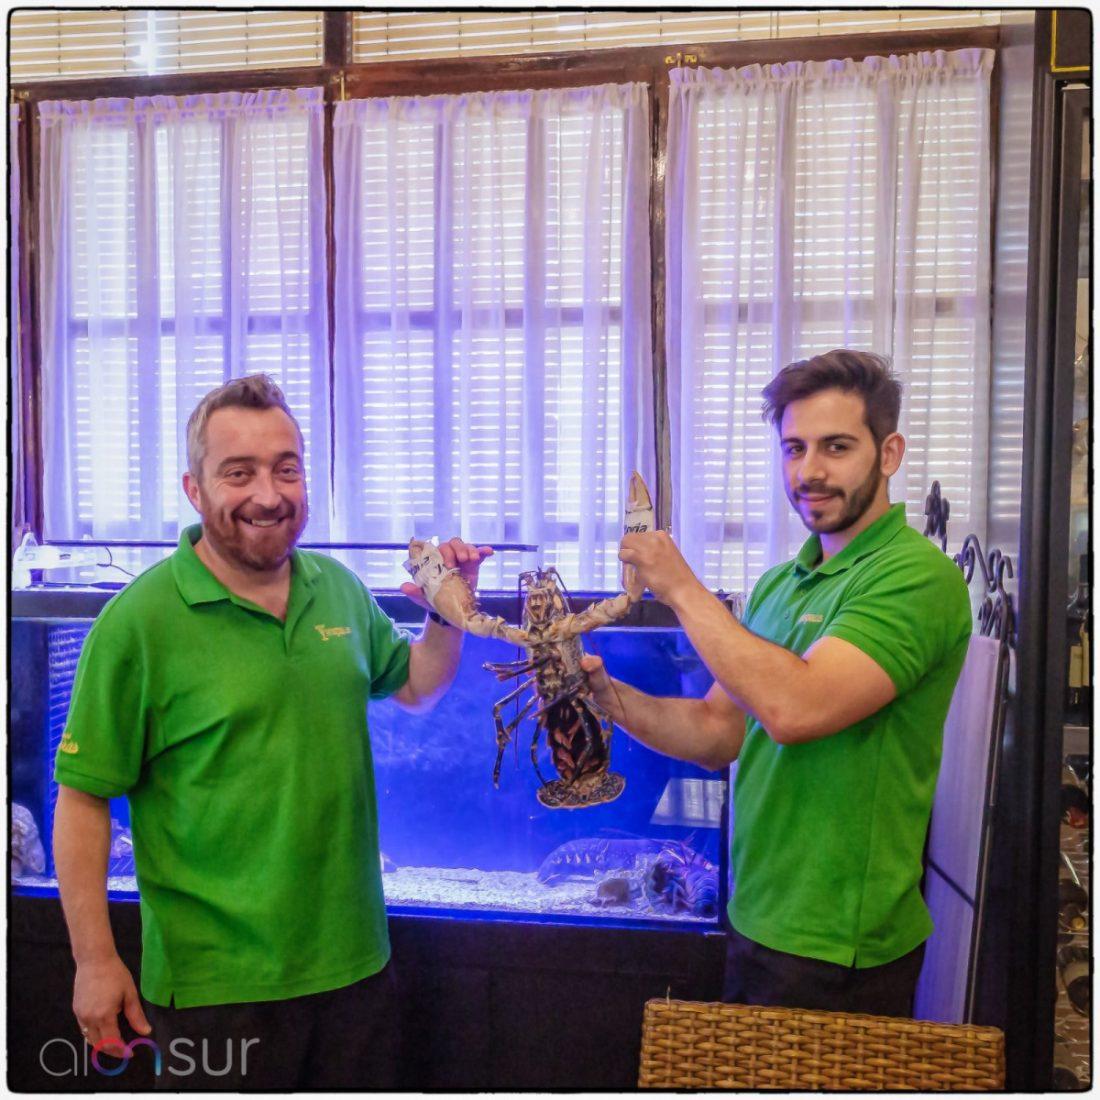 AionSur hispalista-venta-gourmet-compressor Venta Hispalis: sobre cómo comer gourmet en una venta de carreteras Empresas destacado